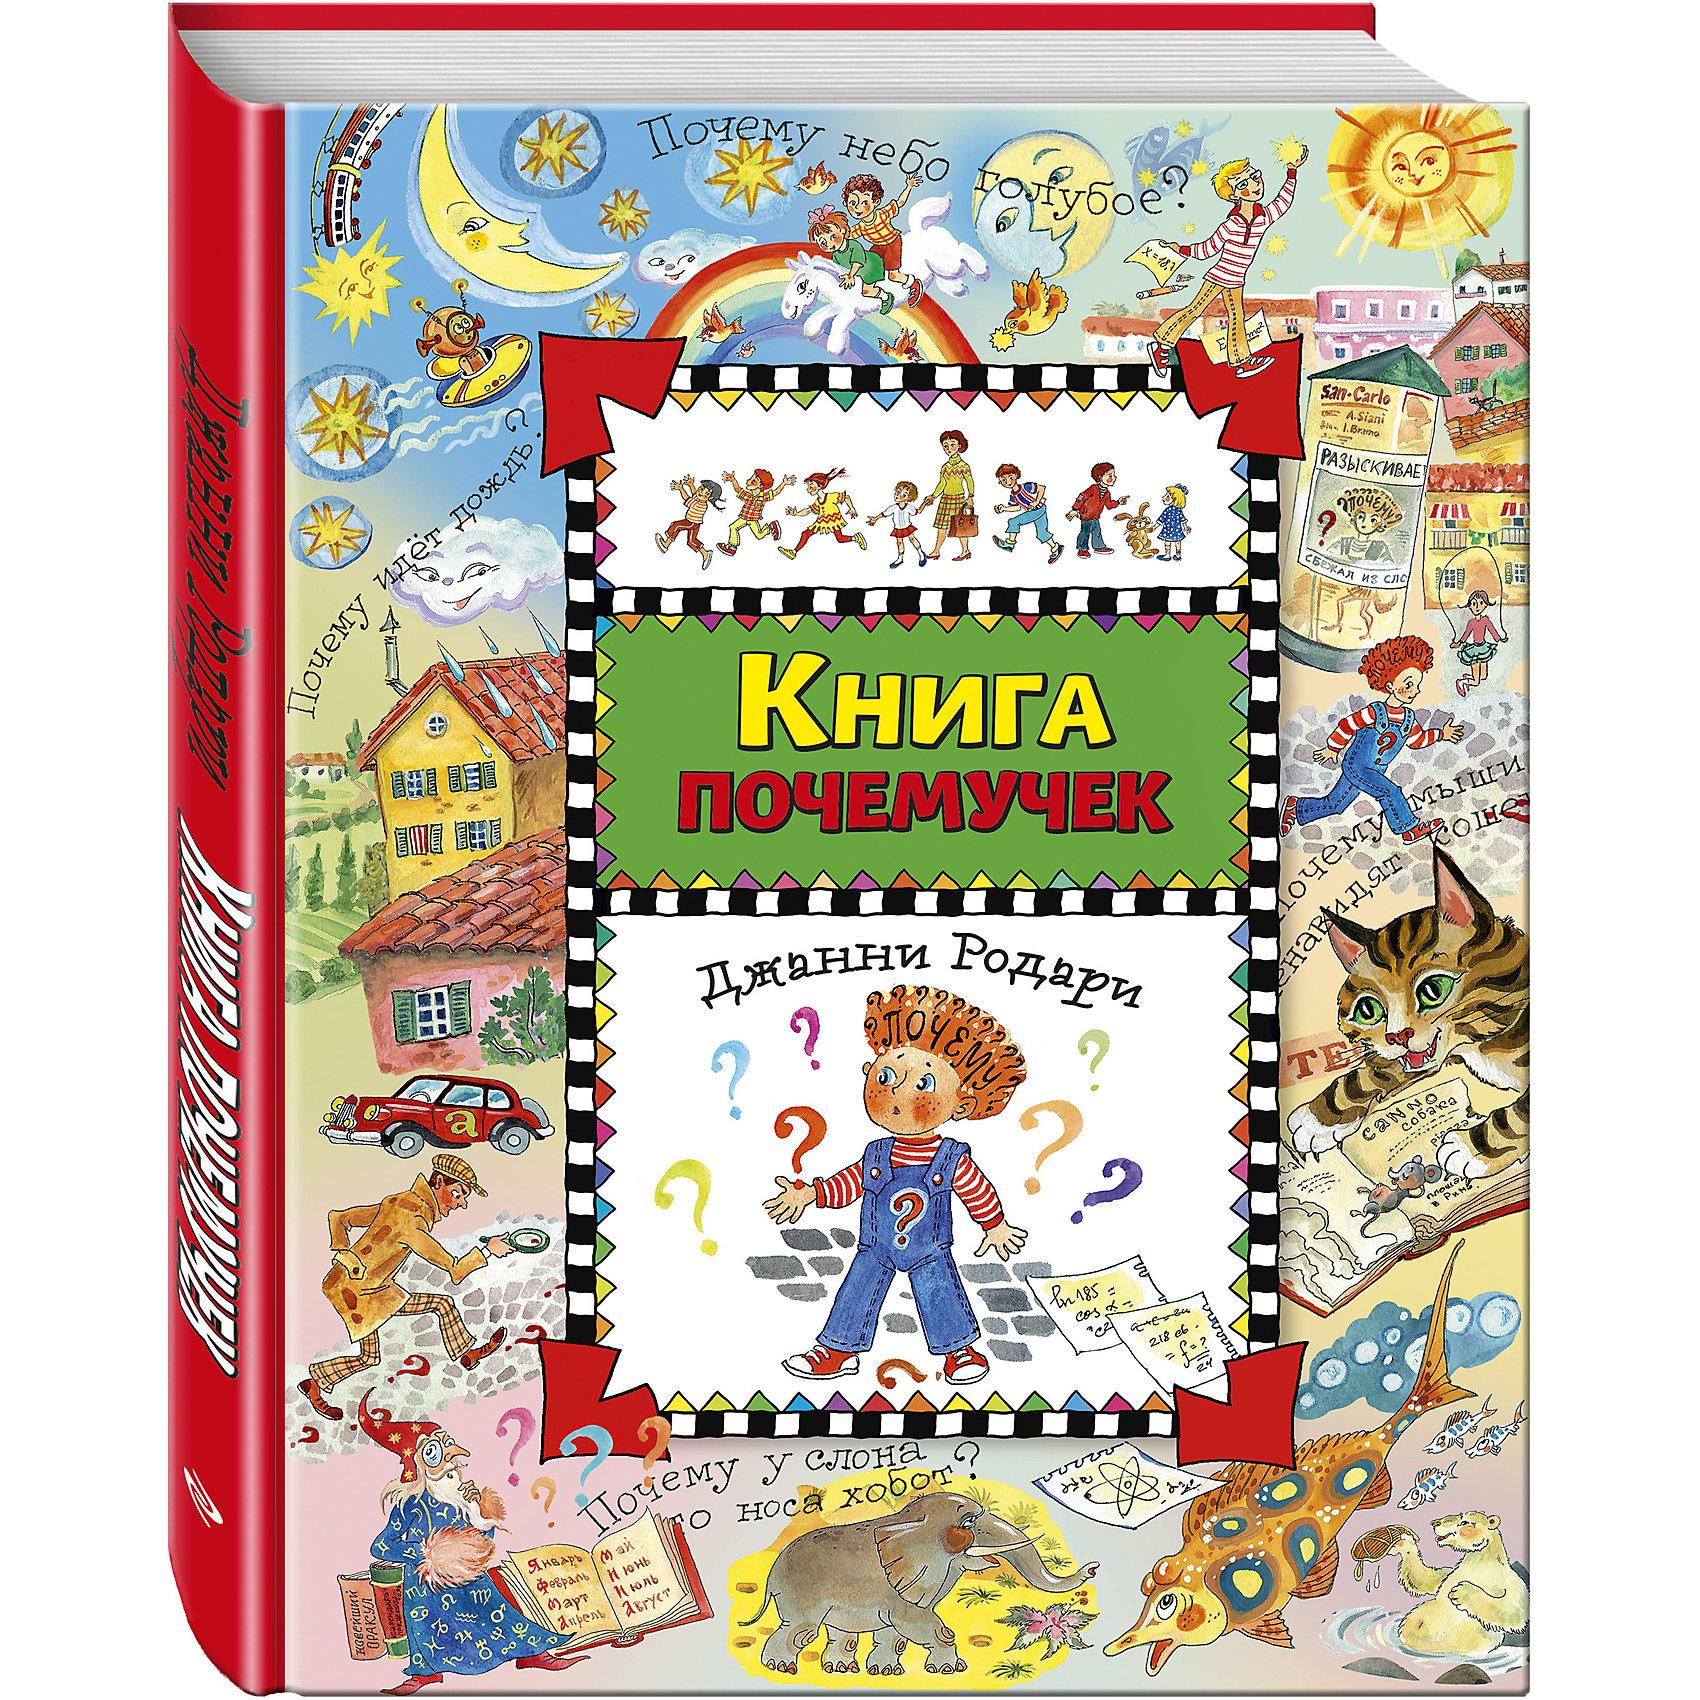 Книга почемучек, Д. РодариЭнциклопедии всё обо всём<br>К 95-летнему юбилею Джанни Родари издательство «ЭКСМО» выпустило один из его бестселлеров. Детям будет интересно следить за вопросом «Почему?», который убежал из большого толкового словаря. «Книга почемучек» — это множество вопросов, на которые так хотят получить ответ дети, и которых нет ни в одной взрослой книге. Пусть у маленького читателя появится свой источник знаний — как у родителей, но гораздо веселее, ведь недаром автор этой книги—Джанни Родари—это веселый сказочник!<br><br>Ширина мм: 255<br>Глубина мм: 197<br>Высота мм: 10<br>Вес г: 500<br>Возраст от месяцев: 60<br>Возраст до месяцев: 2147483647<br>Пол: Унисекс<br>Возраст: Детский<br>SKU: 5535394